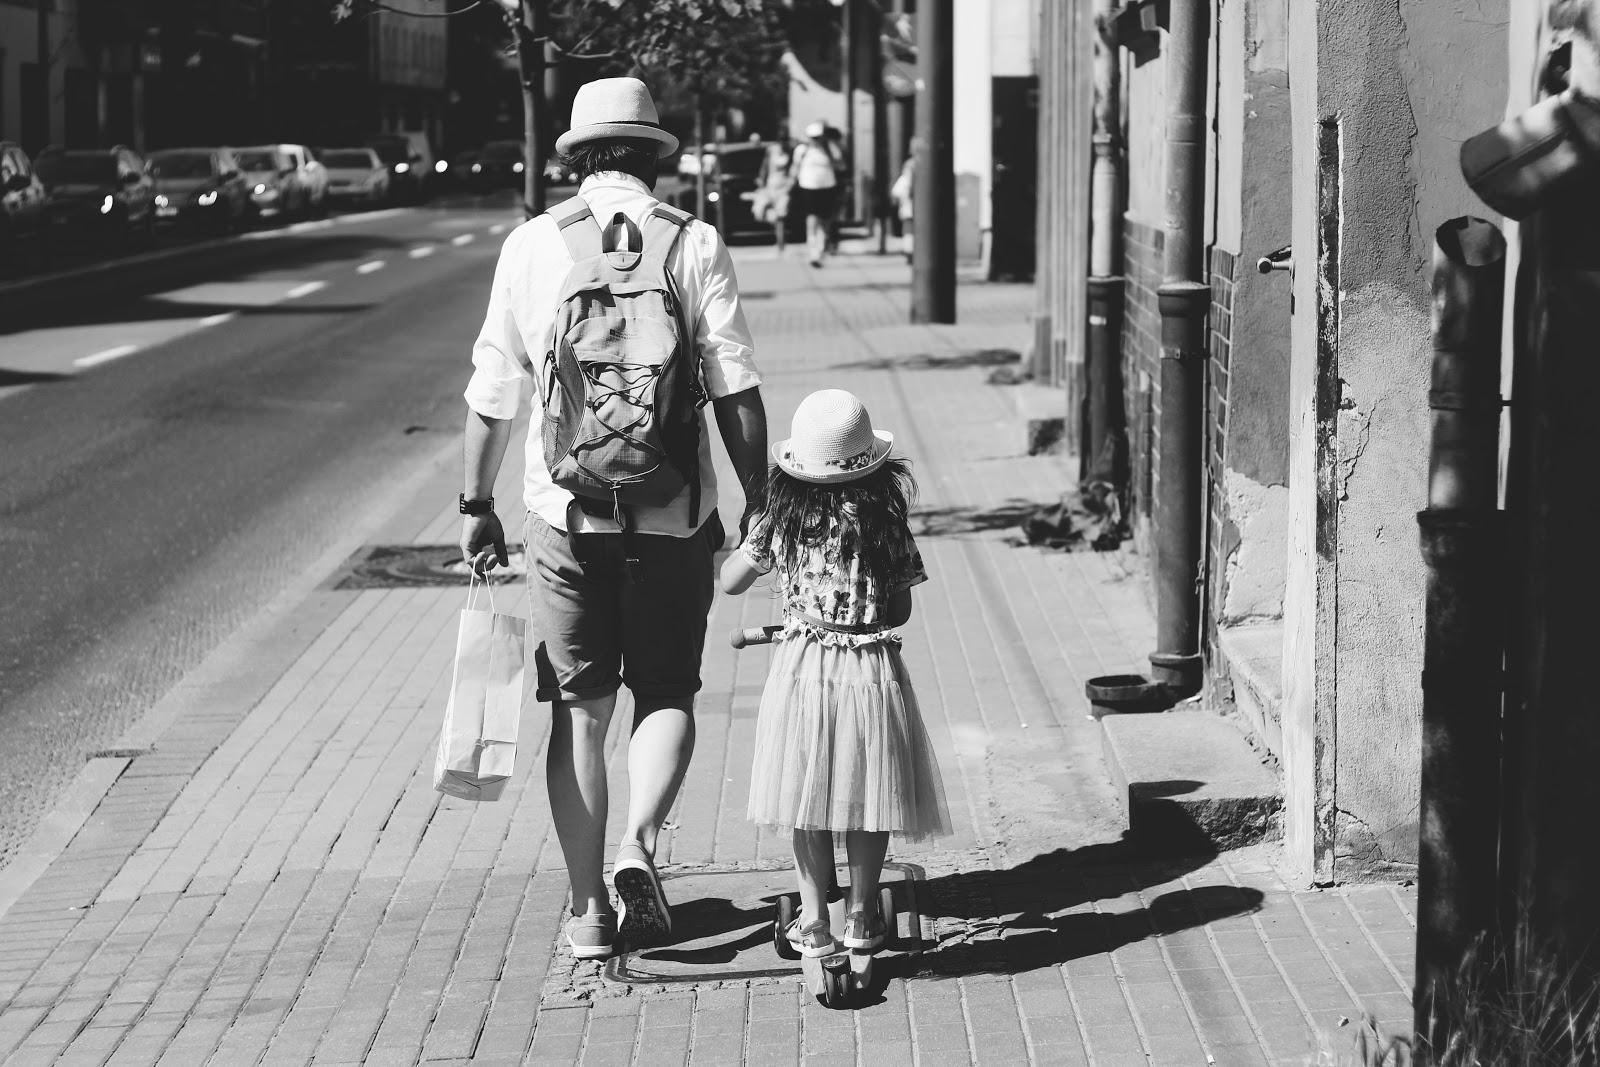 אבא מטייל עם ילדה